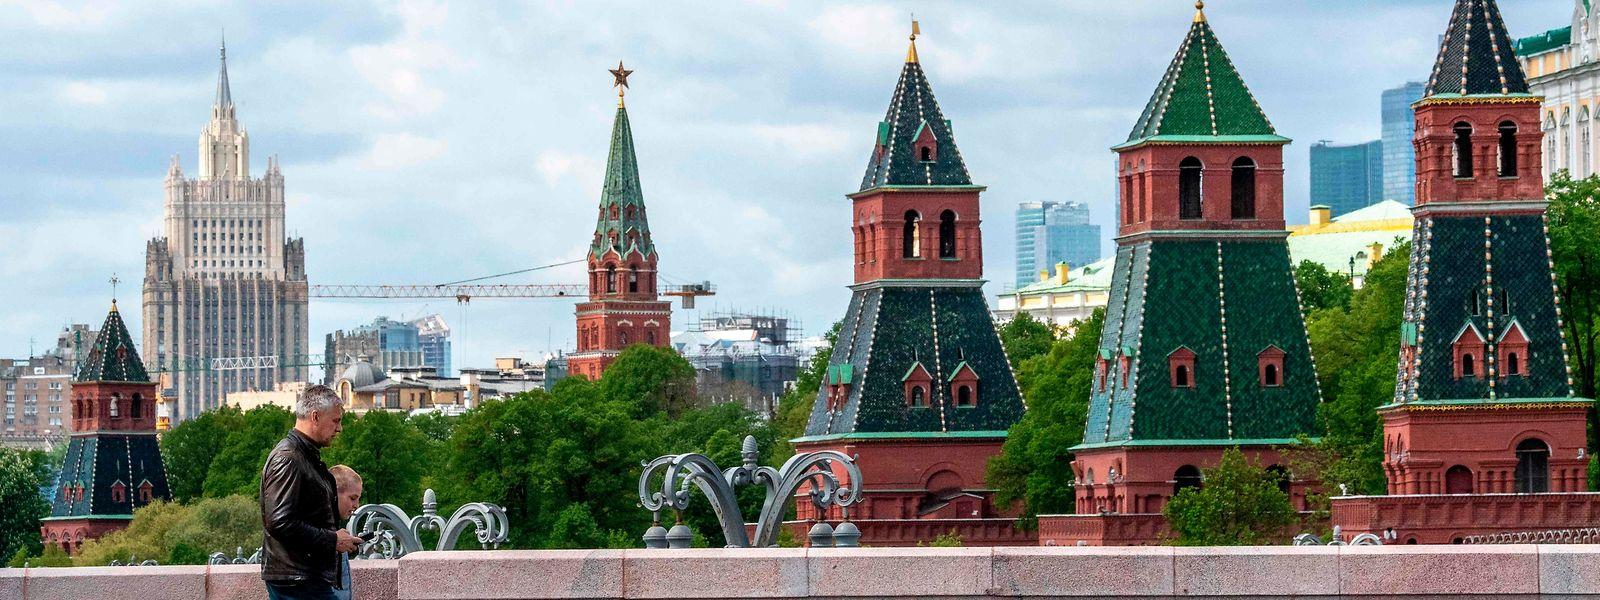 Moskau: Fußgänger überqueren eine Brücke, im Hintergrund der Kreml, politisches Machtzentrum Russlands.